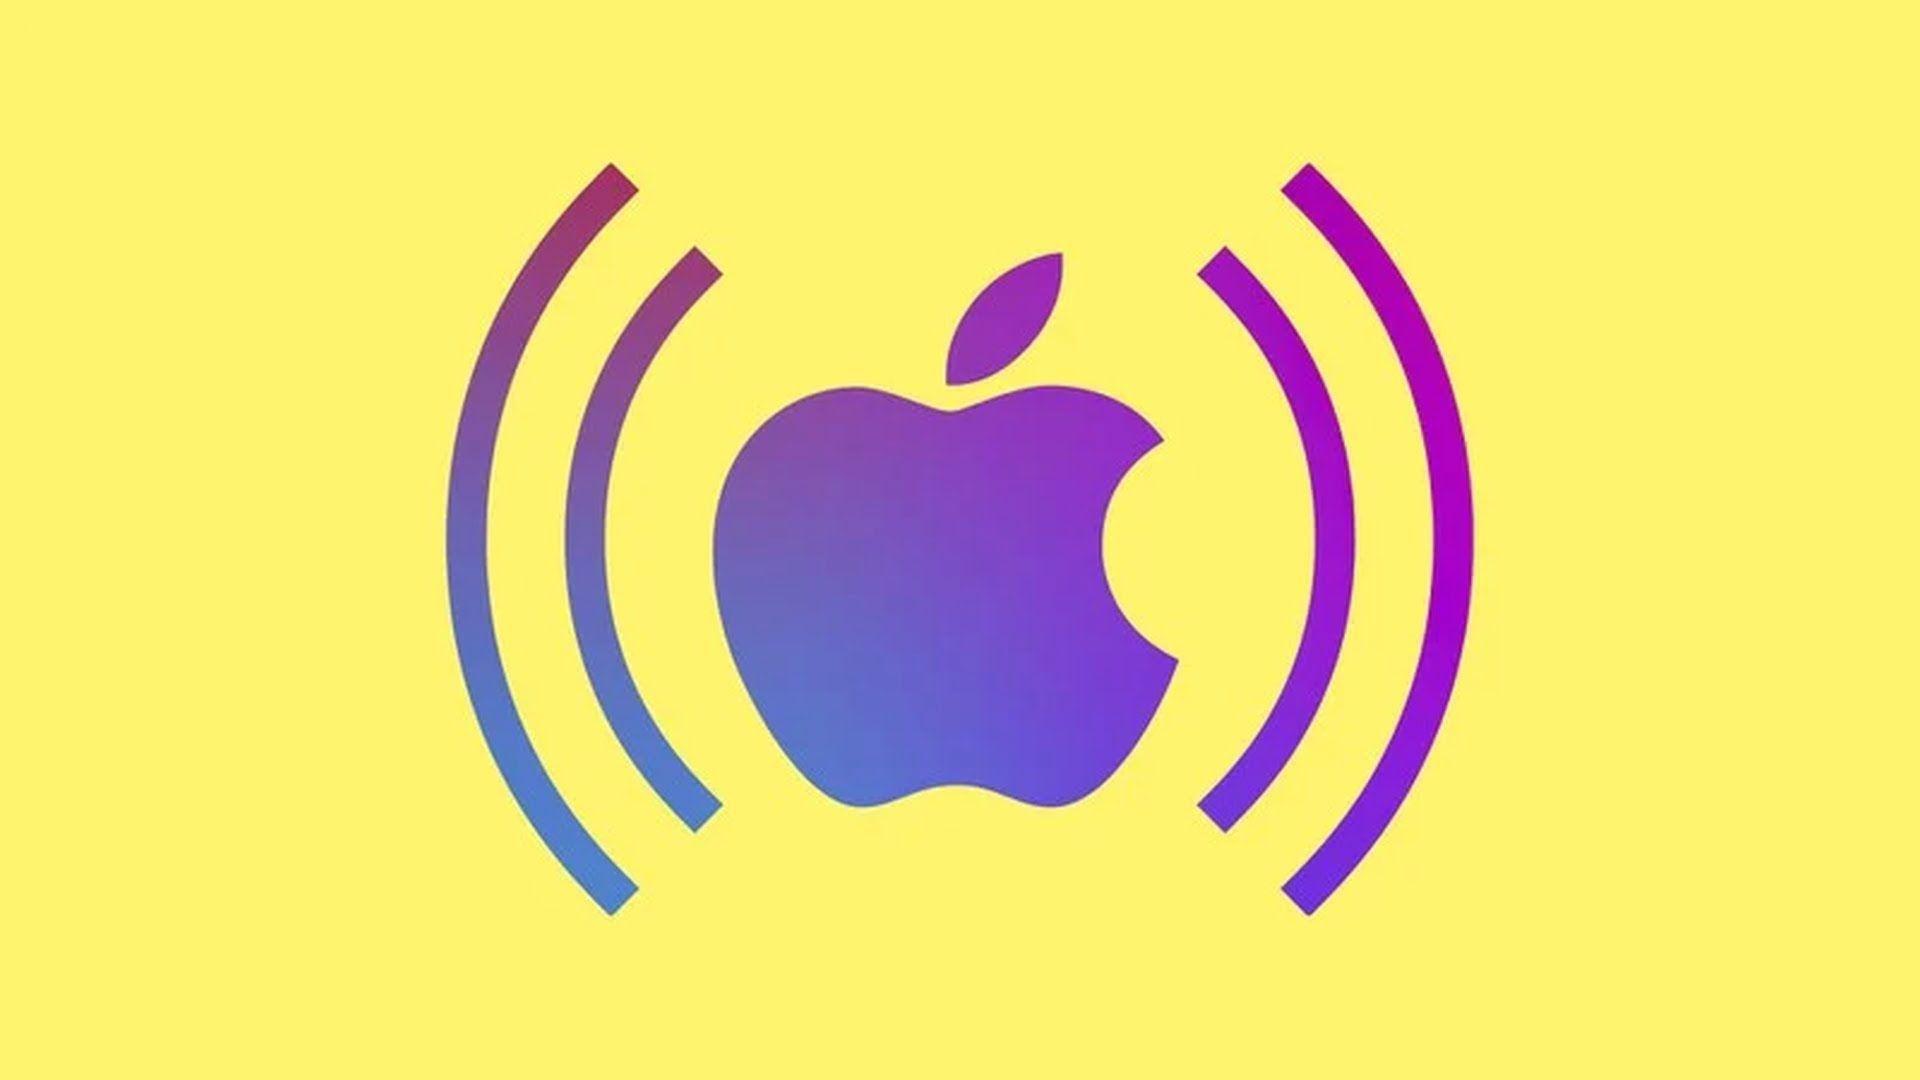 Firma Apple ma zamiar kupić sieć podcastów Wondery